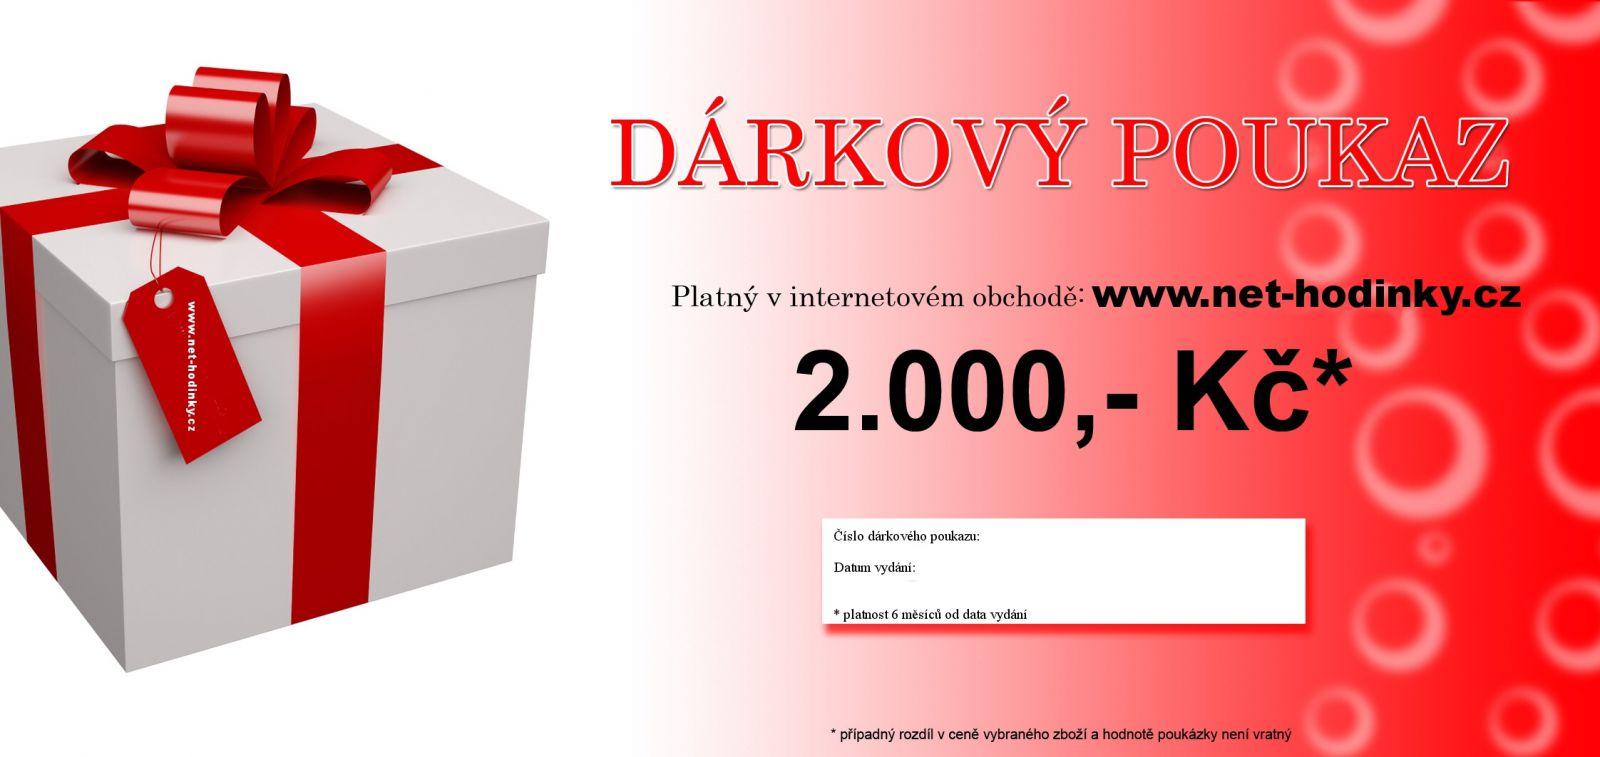 Dárkový poukaz 2000,- Kč s DOPRAVOU DÁRKU ZDARMA